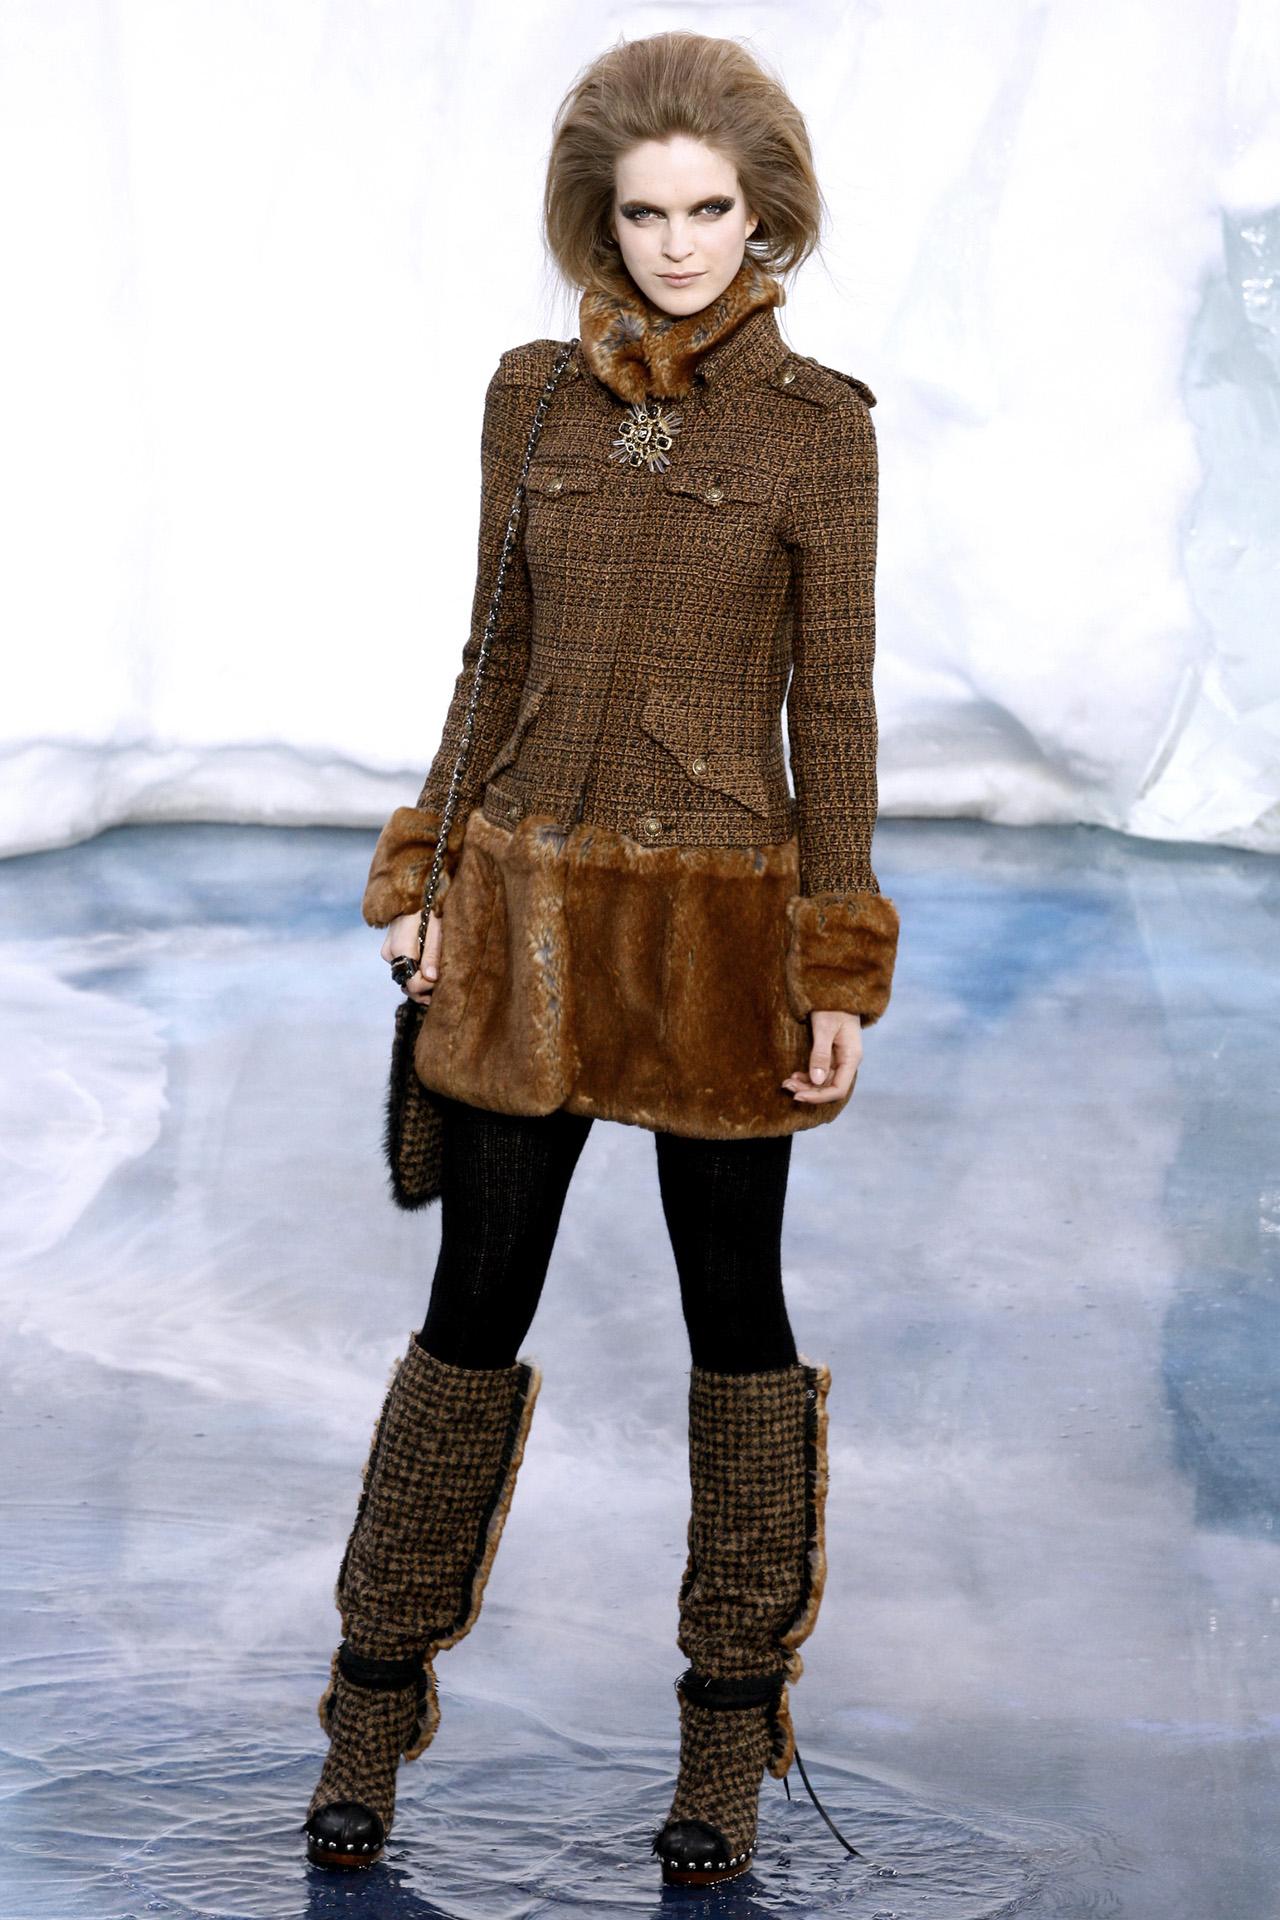 Коллекция от Шанель Осень-Зима 2010/2011 щедро дарит поклонникам